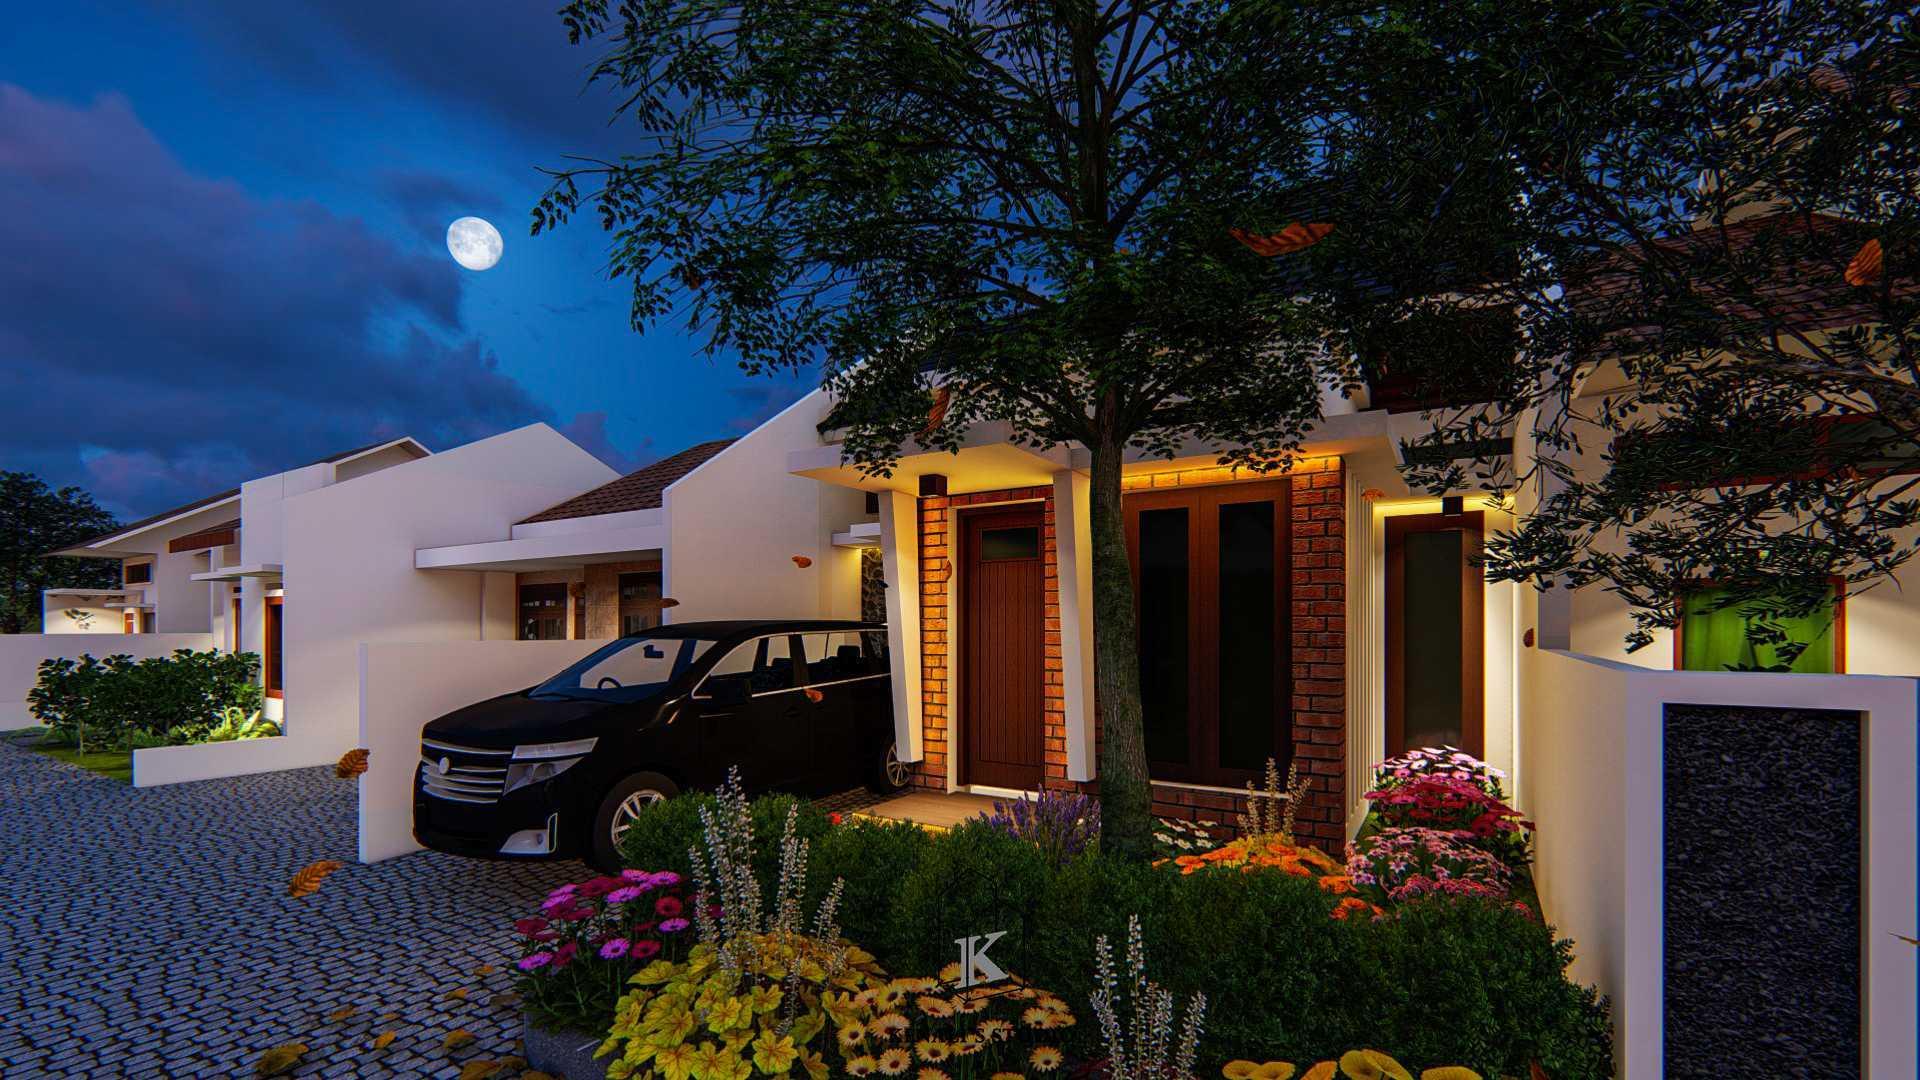 """Kenali's Studio """"folksy"""" Dh - House Kabupaten Demak, Jawa Tengah, Indonesia Kabupaten Demak, Jawa Tengah, Indonesia Kenalis-Studio-Folksy-Dh-House  66956"""